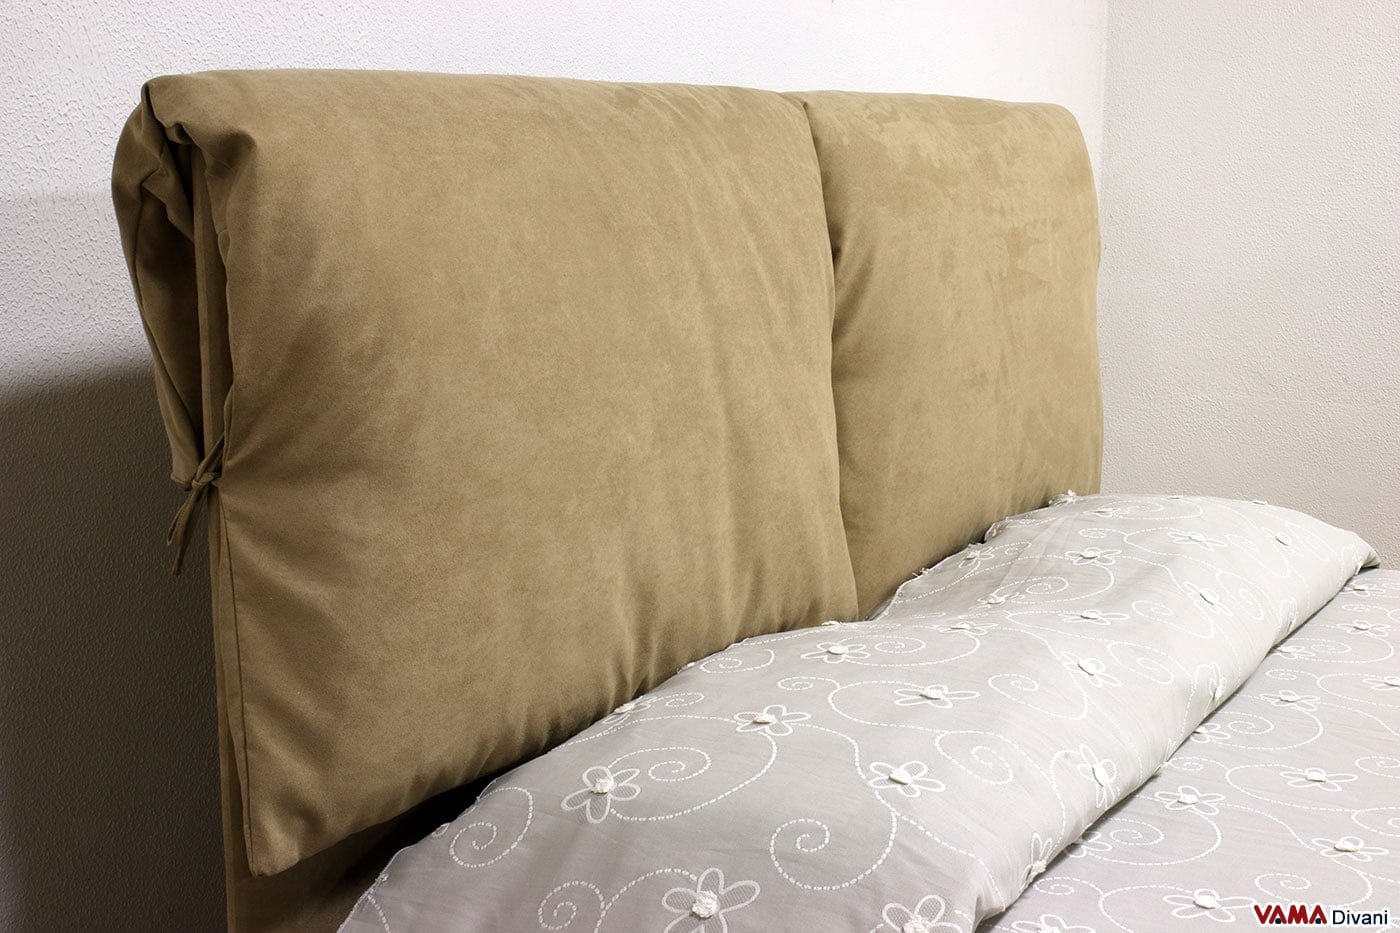 Letto in tessuto con due cuscini imbottiti come testata - Cuscini per spalliera letto ikea ...